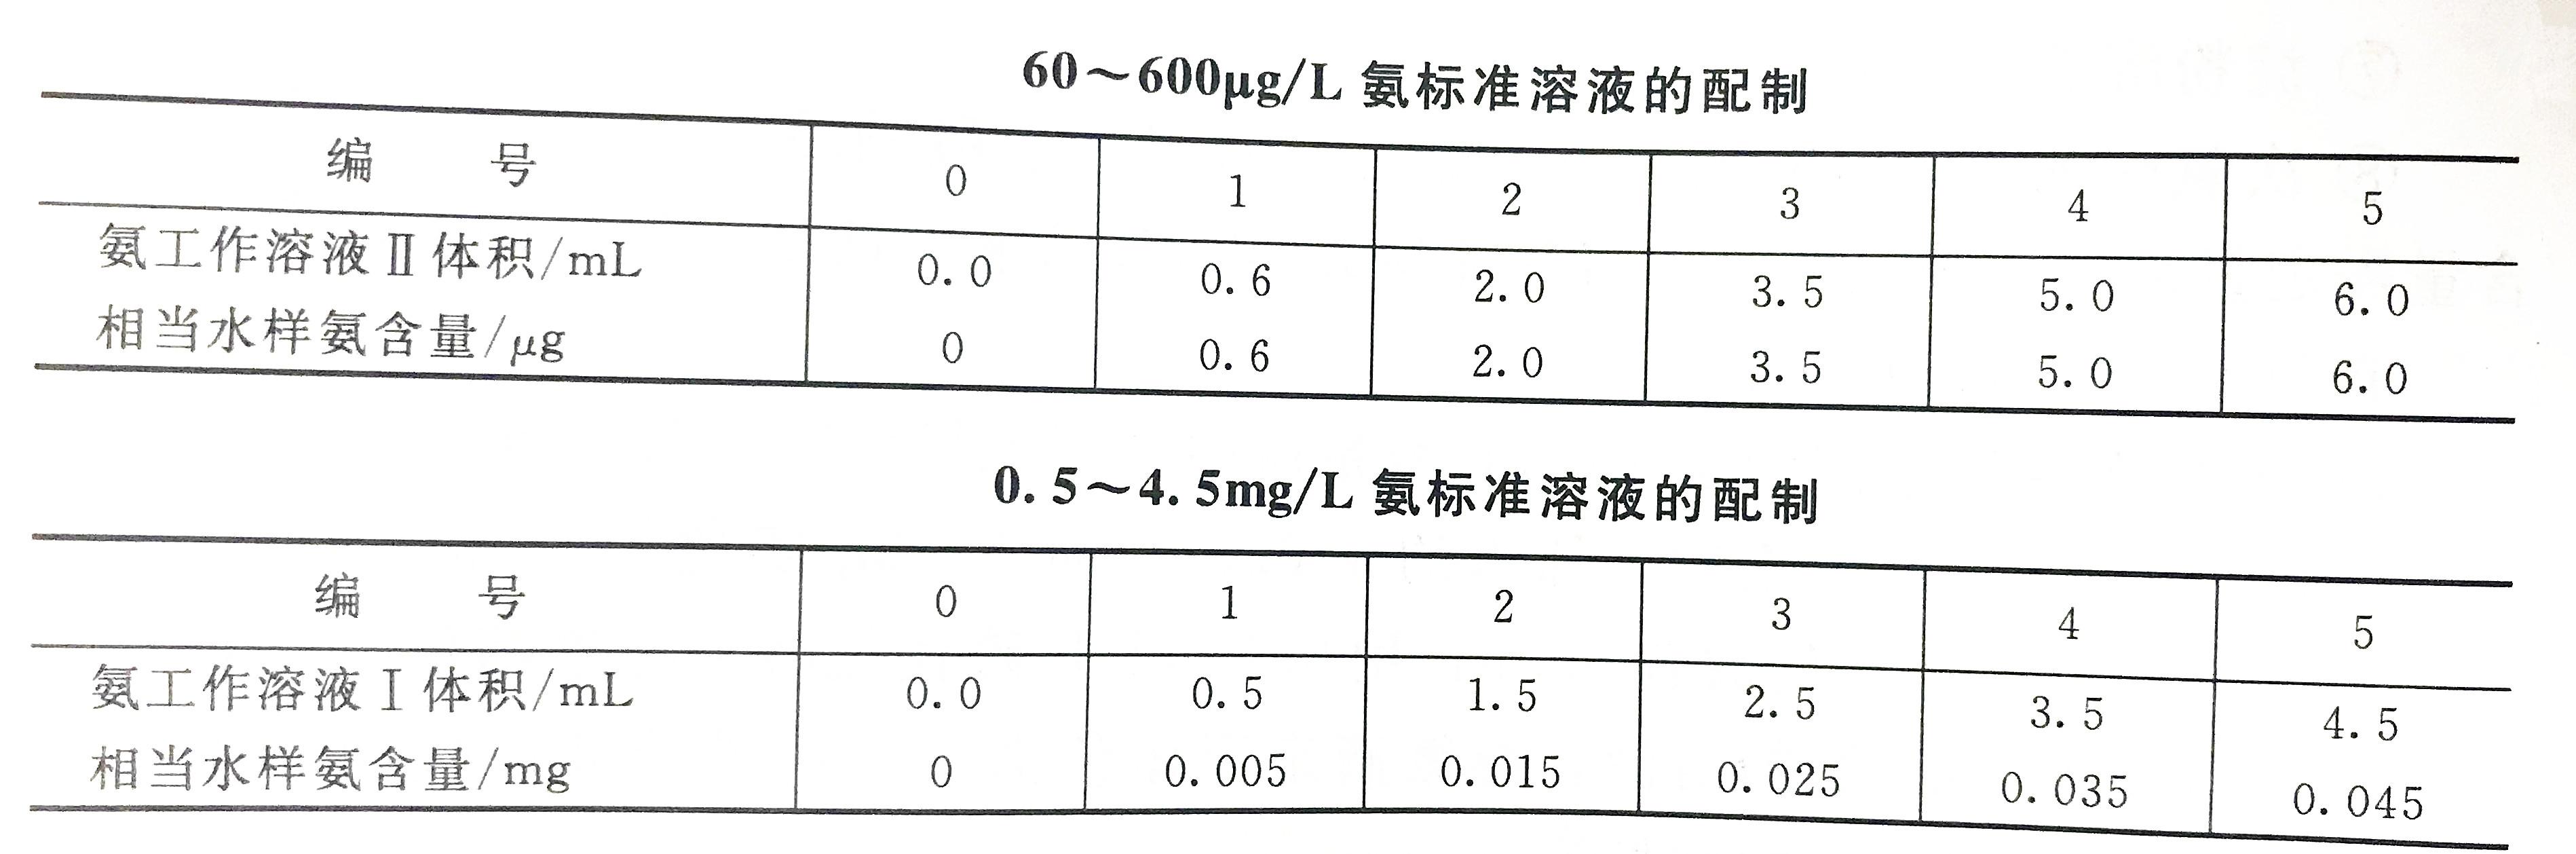 氨标准溶液配置表